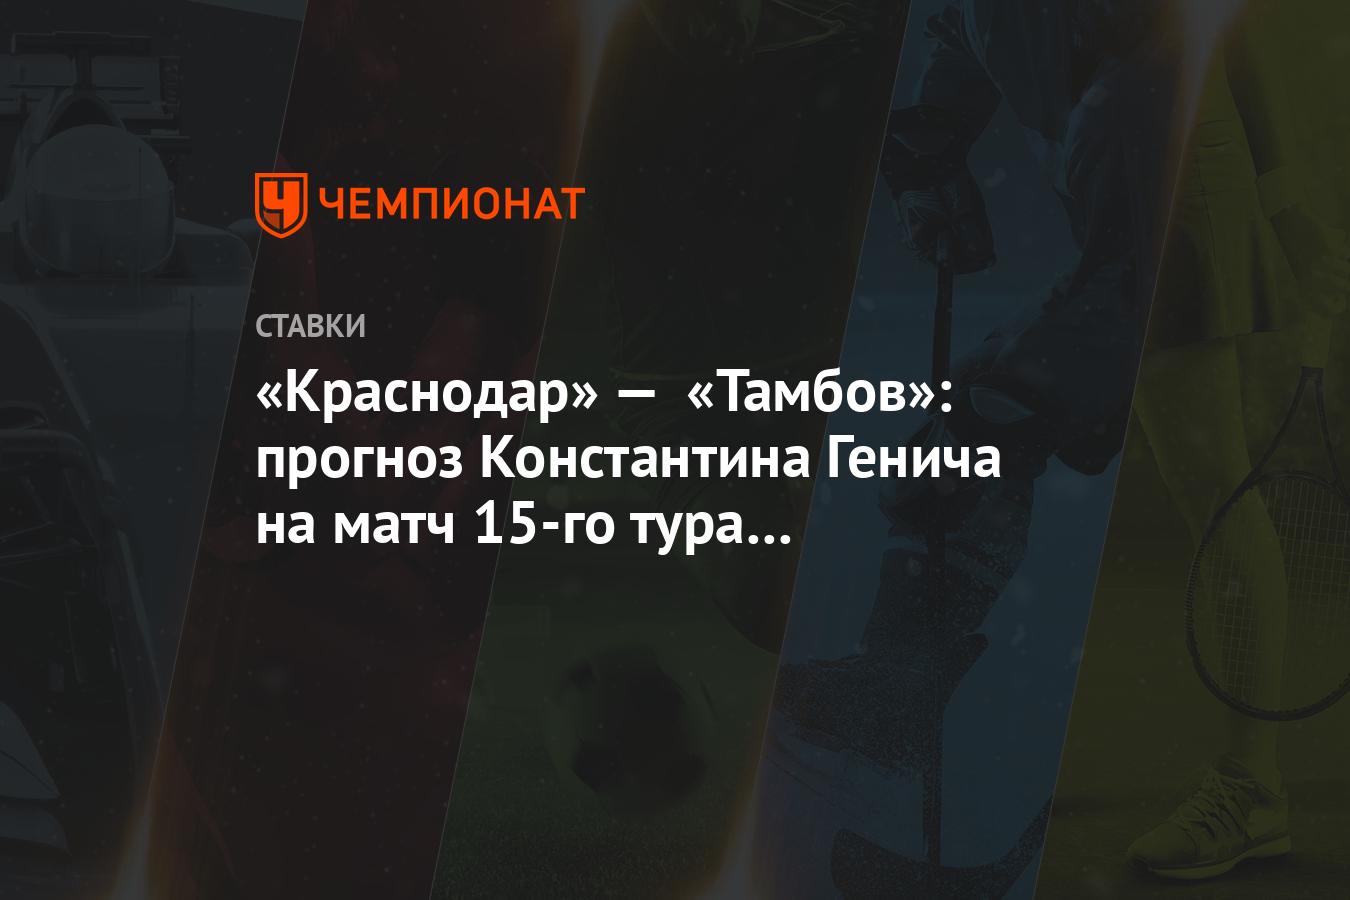 «Краснодар» — «Тамбов»: прогноз Константина Генича на матч 15-го тура чемпионата России